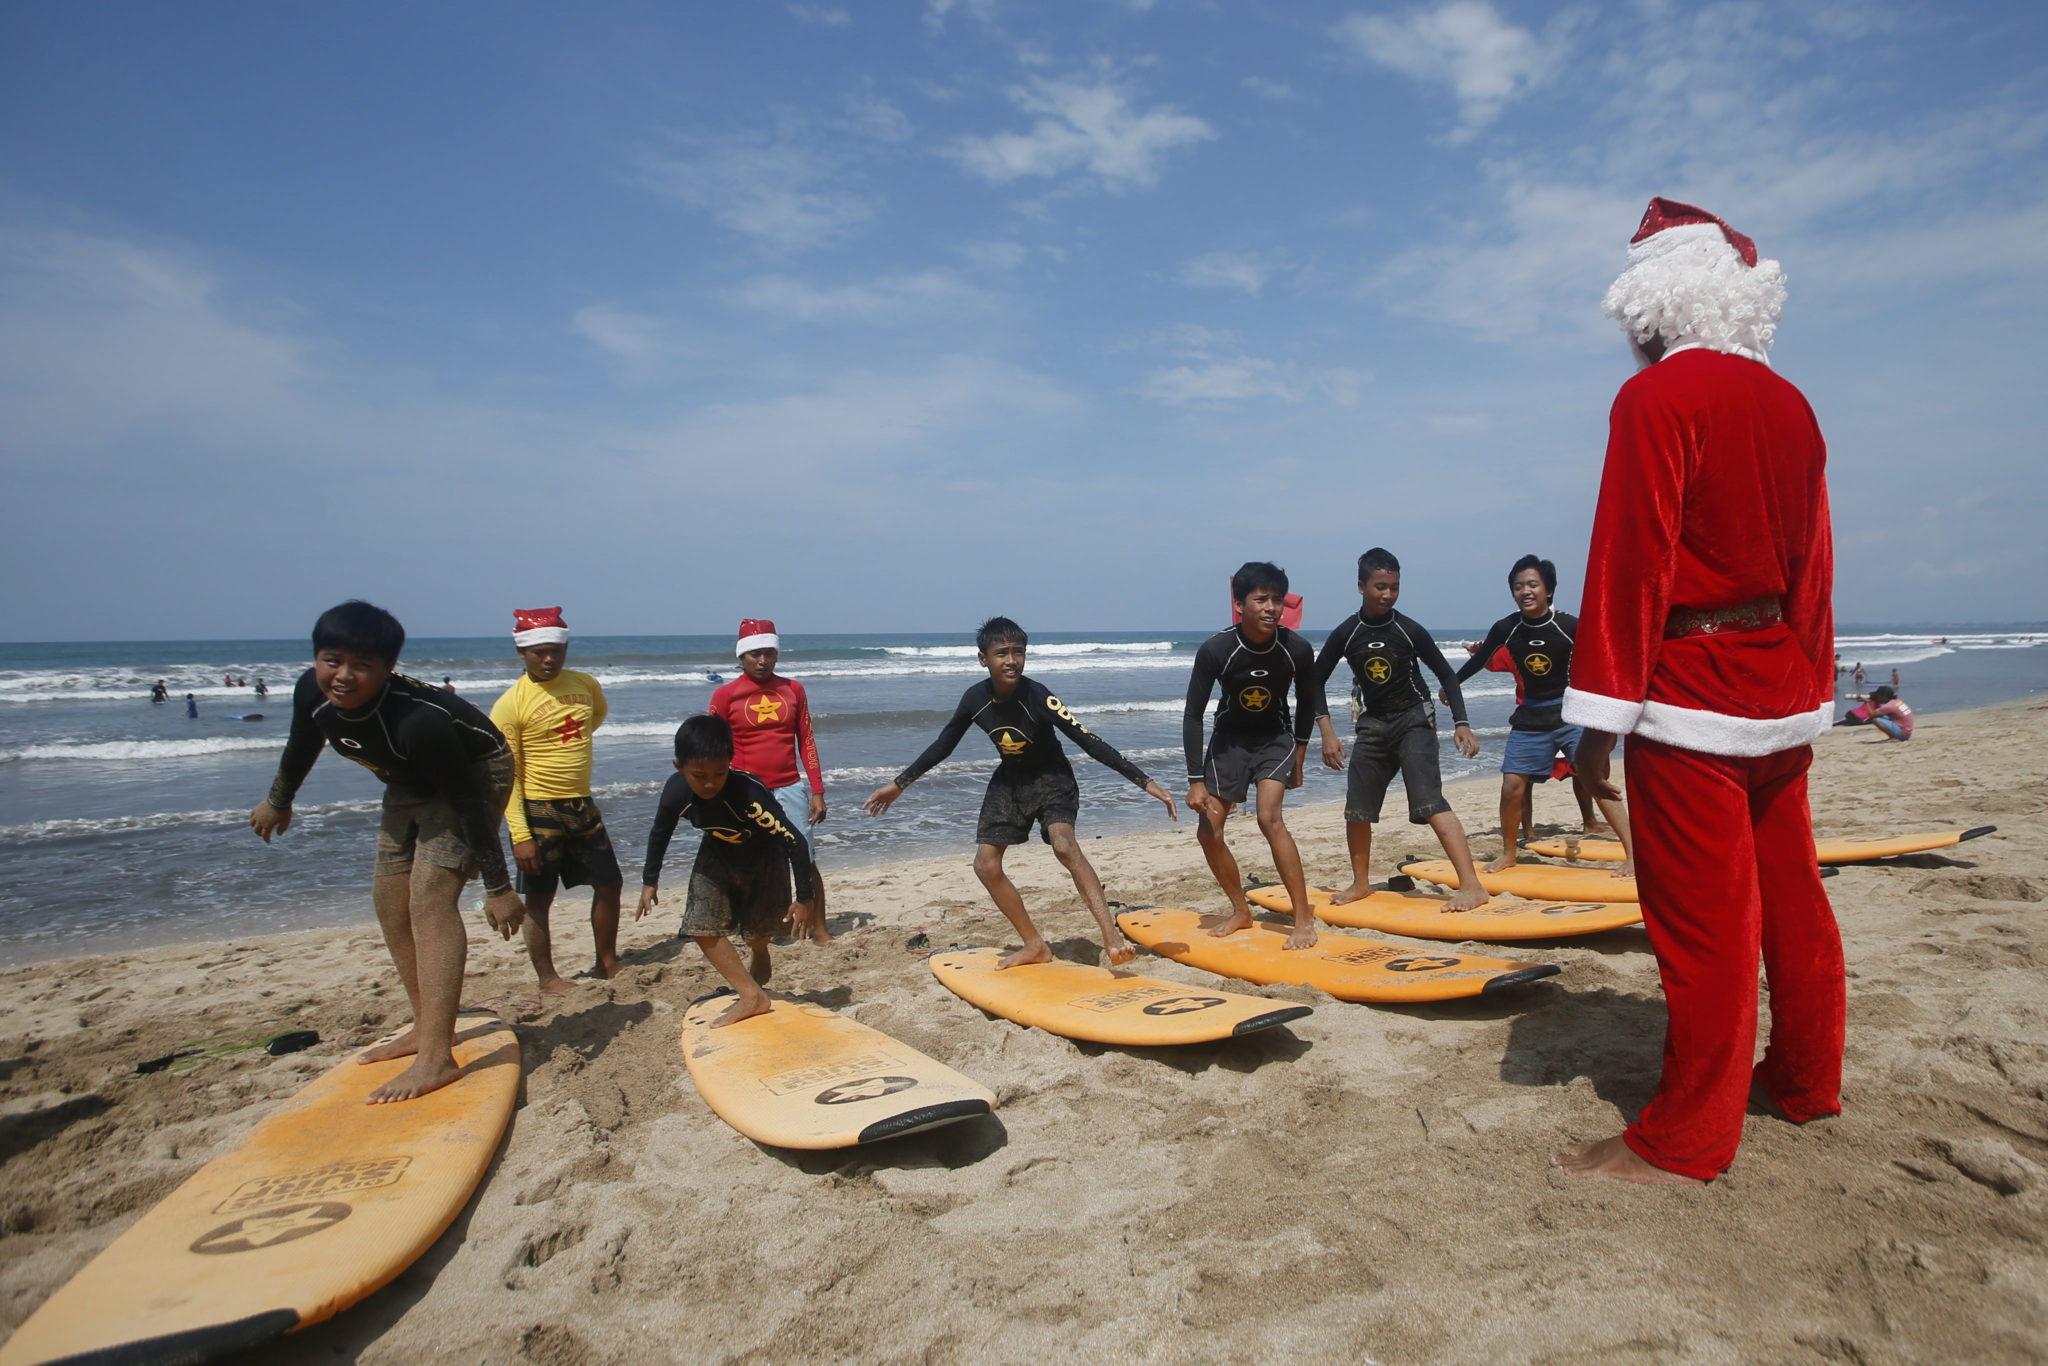 Indonezja: nauka surfingu przez św. Mikołaja na Bali (foto. PAP/EPA/MADE NAGI)